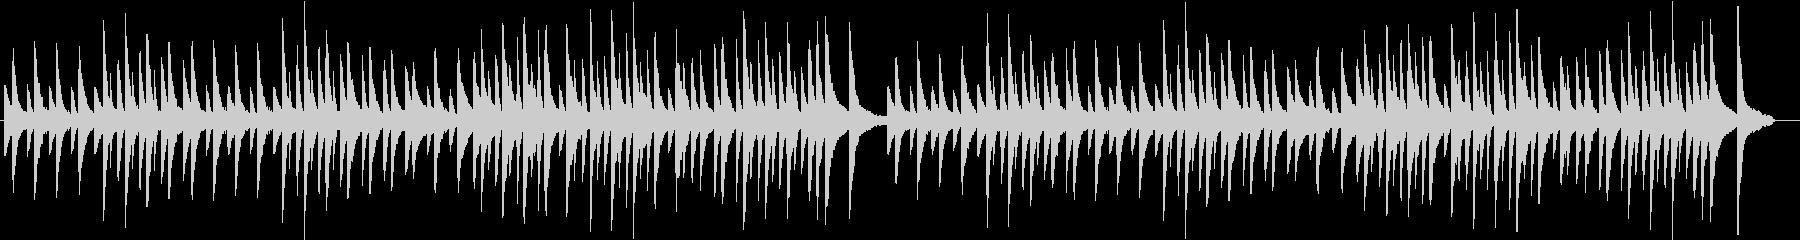 E.サティ ジムノペディ 第1番の未再生の波形